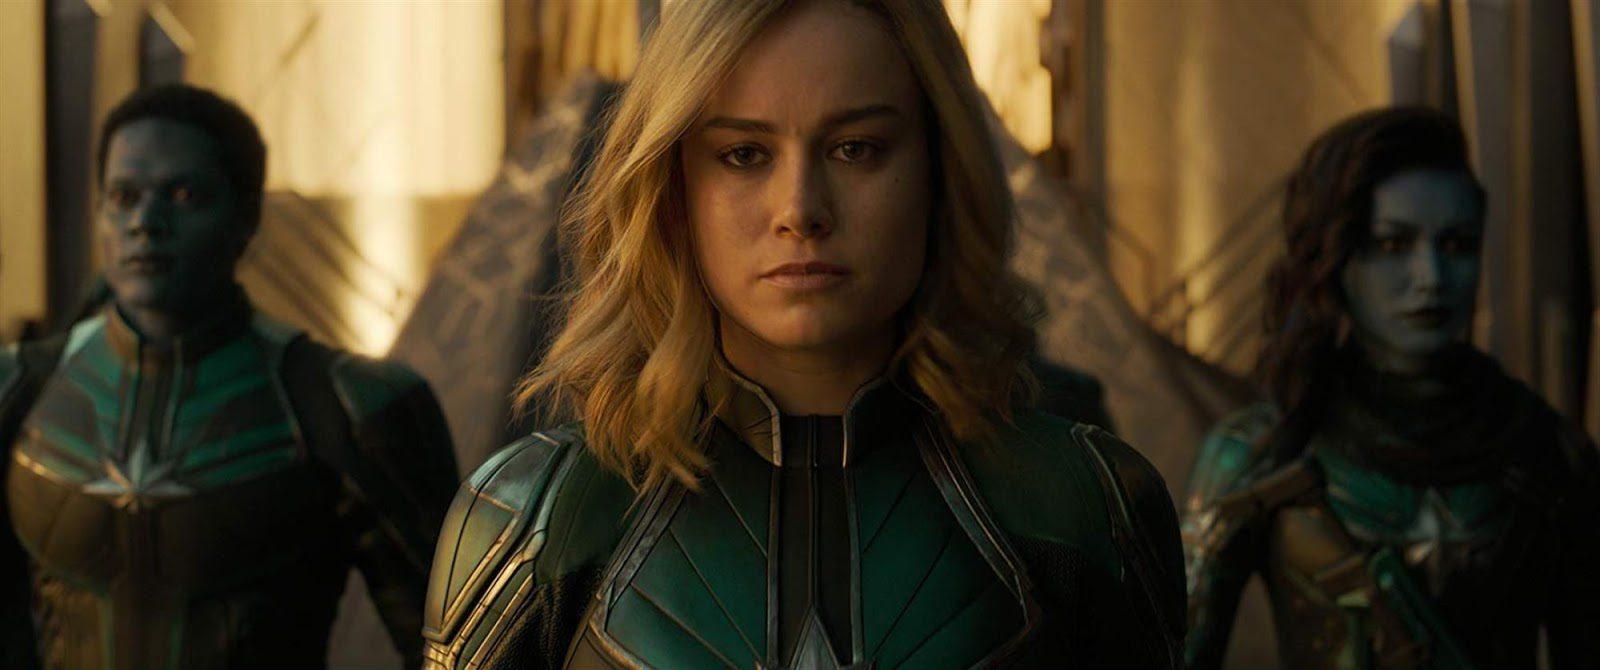 Captain Marvel 2 release date,plot